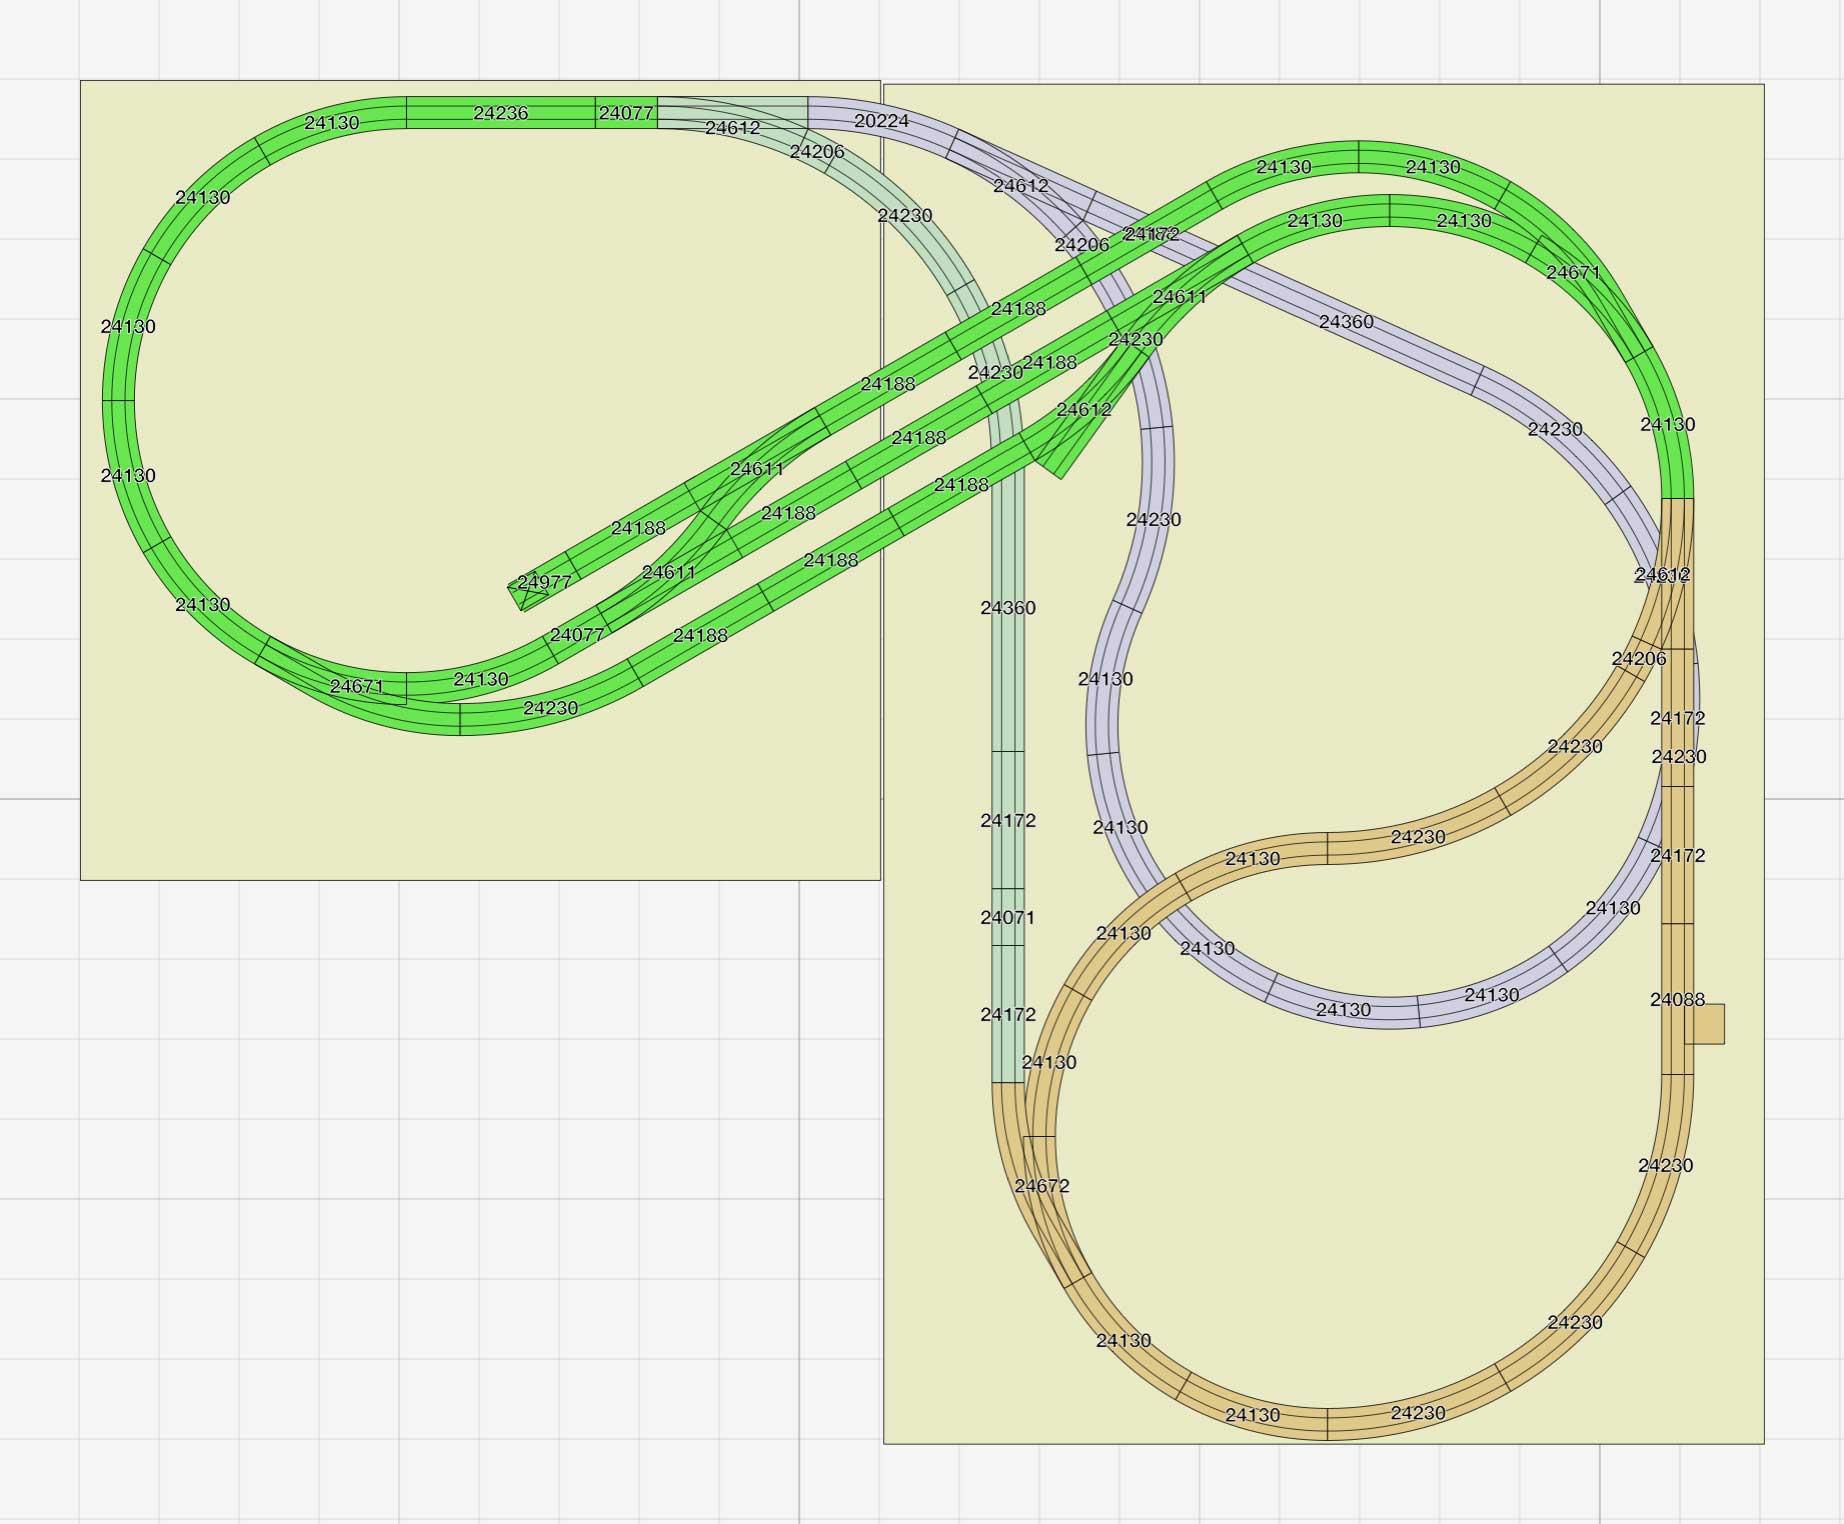 Märklin C-Gleis Gleisplan kompaktes L mit Zufahrt zum Sdhattenbahnhof oder wie abgebieldet eine kleine Kehrschleife in unterer Ebene